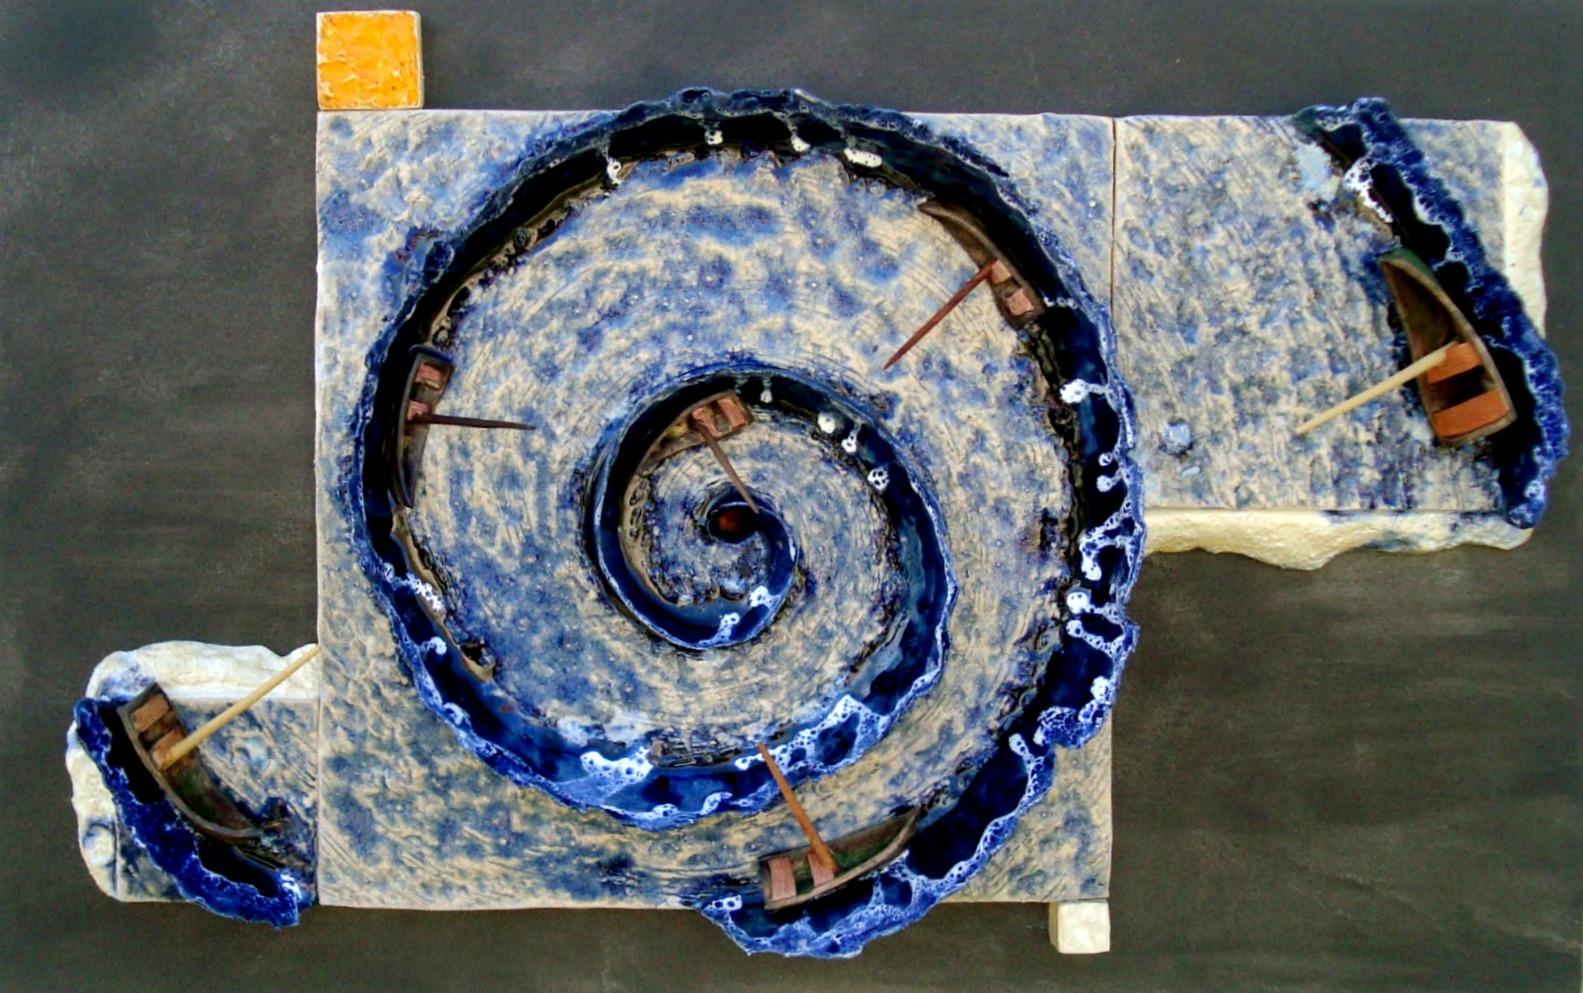 Spiral, 2014